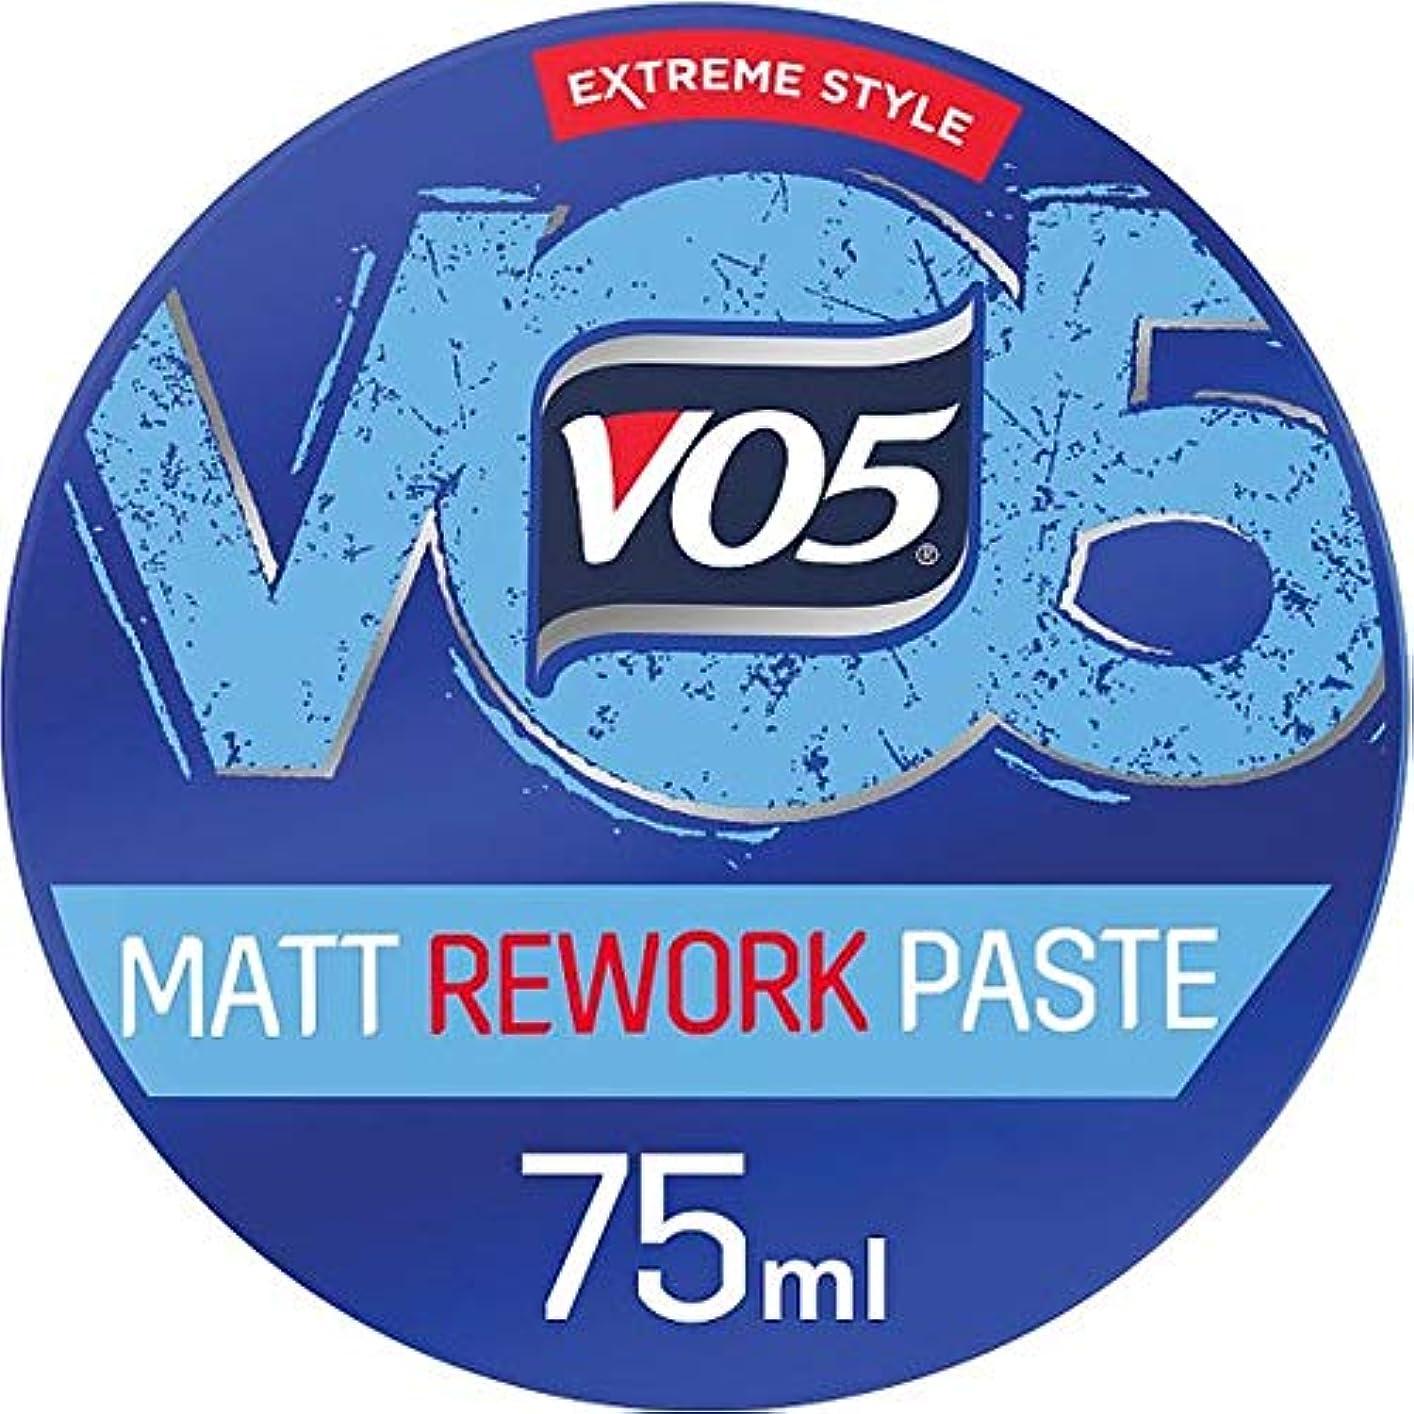 アストロラーベ哀周囲[Vo5] Vo5極端なスタイルマットリワークペースト75ミリリットル - Vo5 Extreme Style Matte Rework Paste 75Ml [並行輸入品]